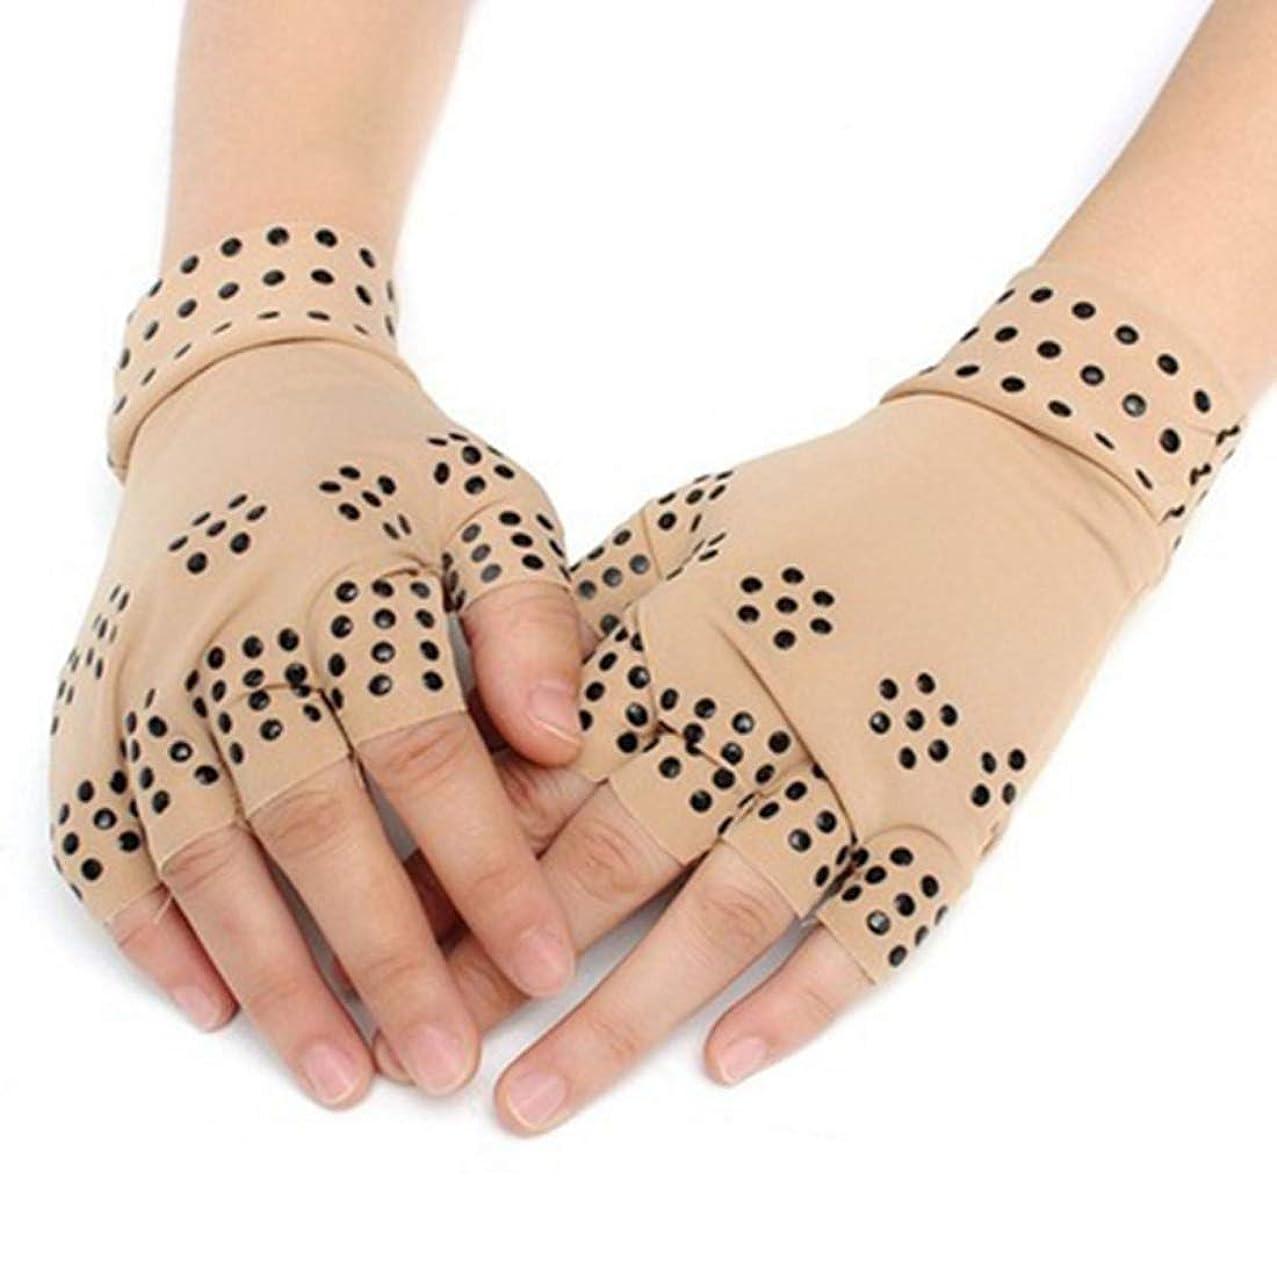 極貧ジョイント好きであるAngzhili 磁気手袋 関節炎療法手袋 着圧手袋 指なし手袋 磁気療法 関節炎 関節ストレス 手首サポーター 関節炎解消 リウマチ性手痛 1ペア